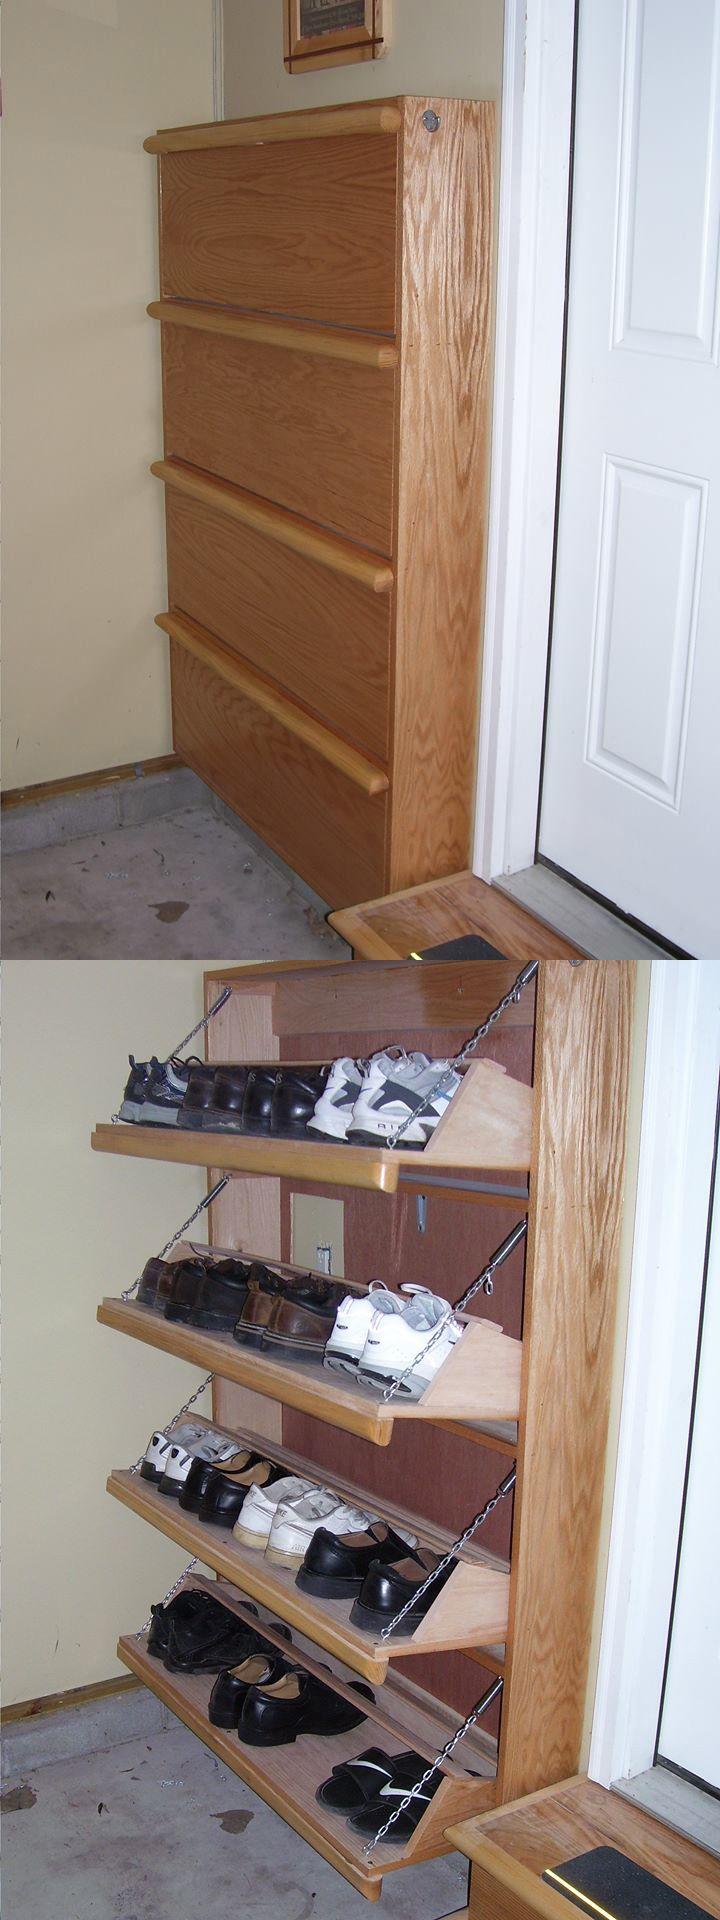 M s de 25 ideas incre bles sobre mueble zapatero en for Muebles para zapatos moderno